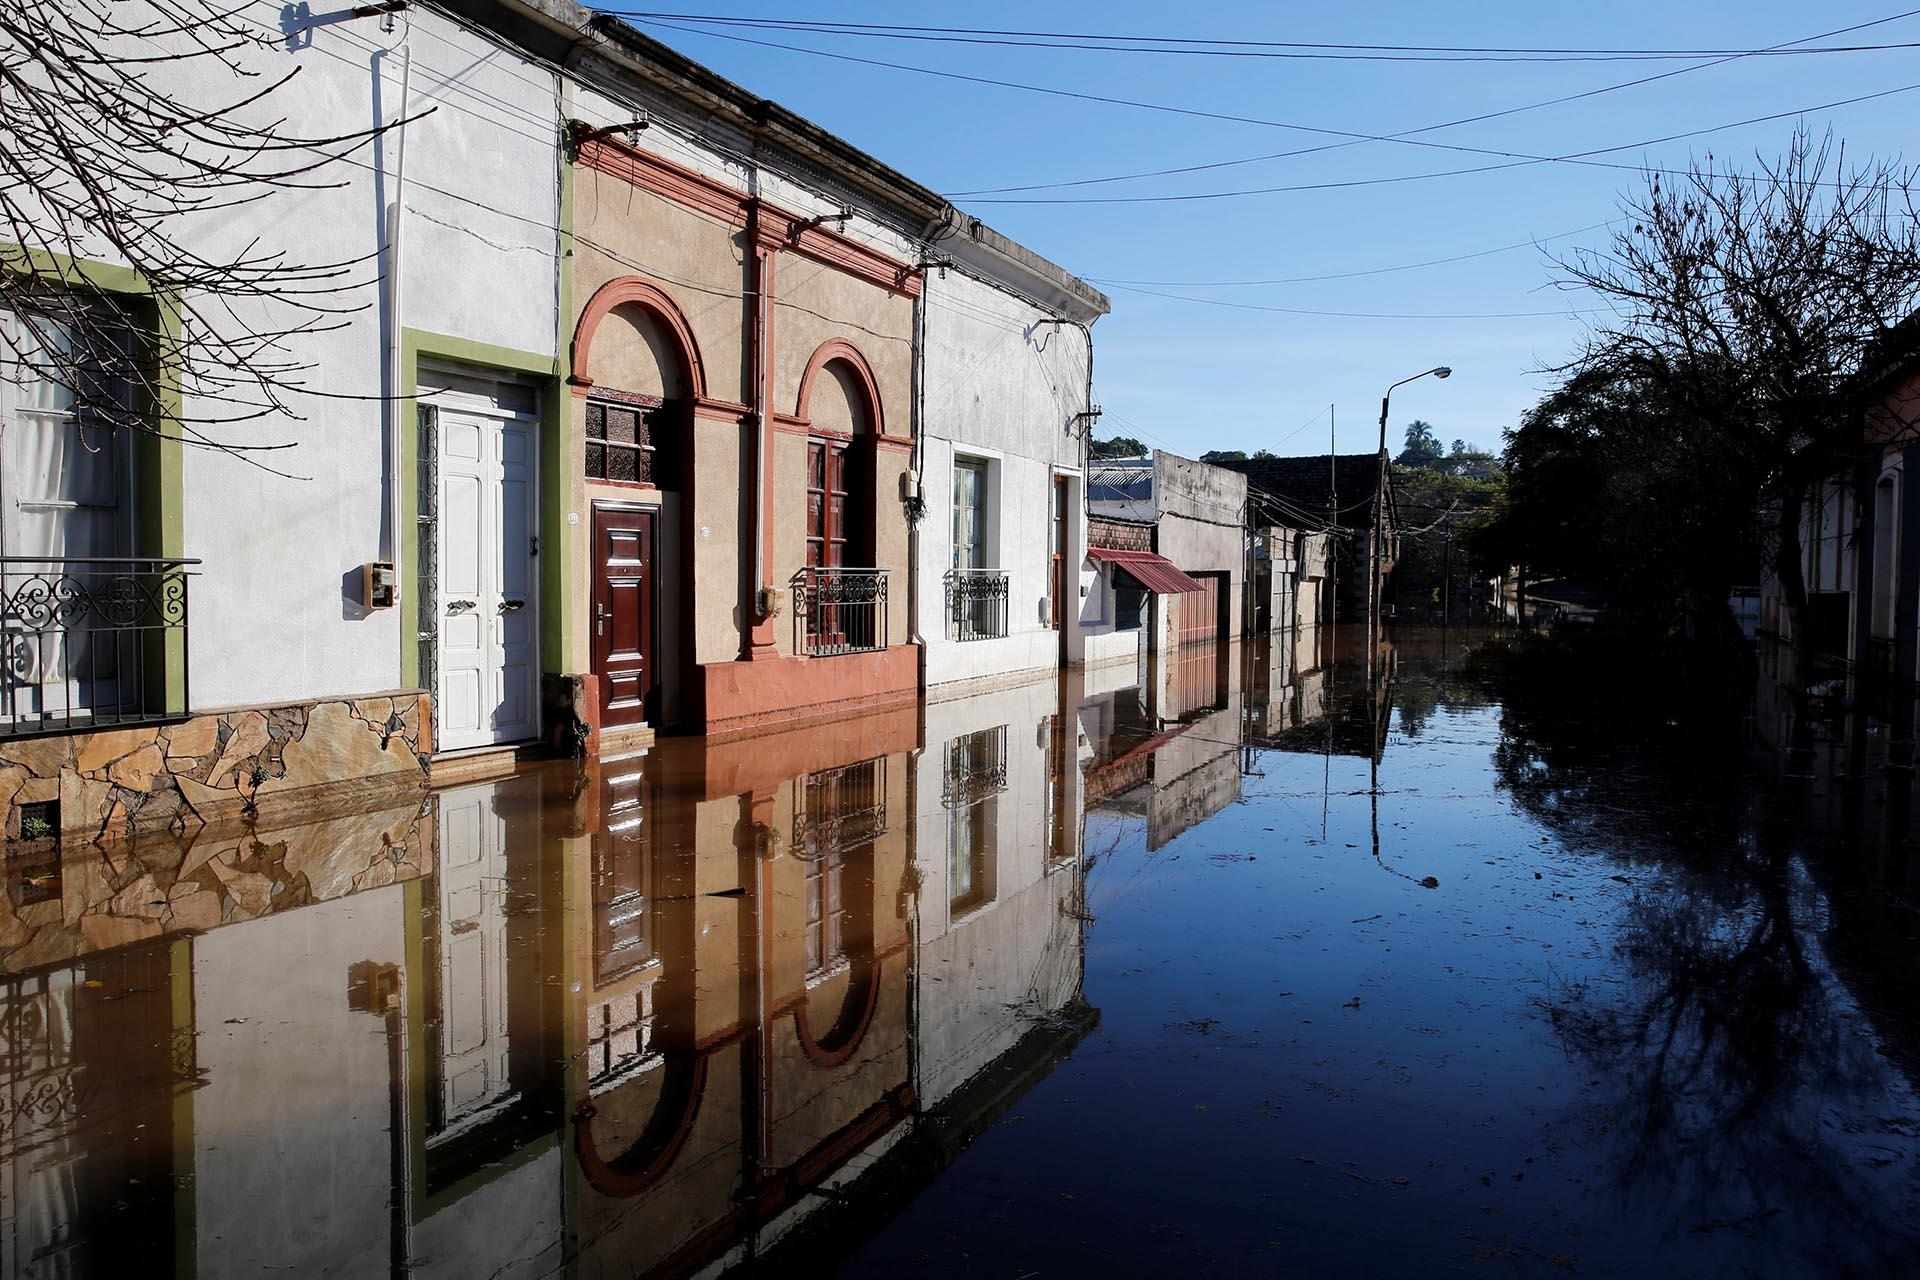 Una calle inundada en la ciudad de Salto, Uruguay